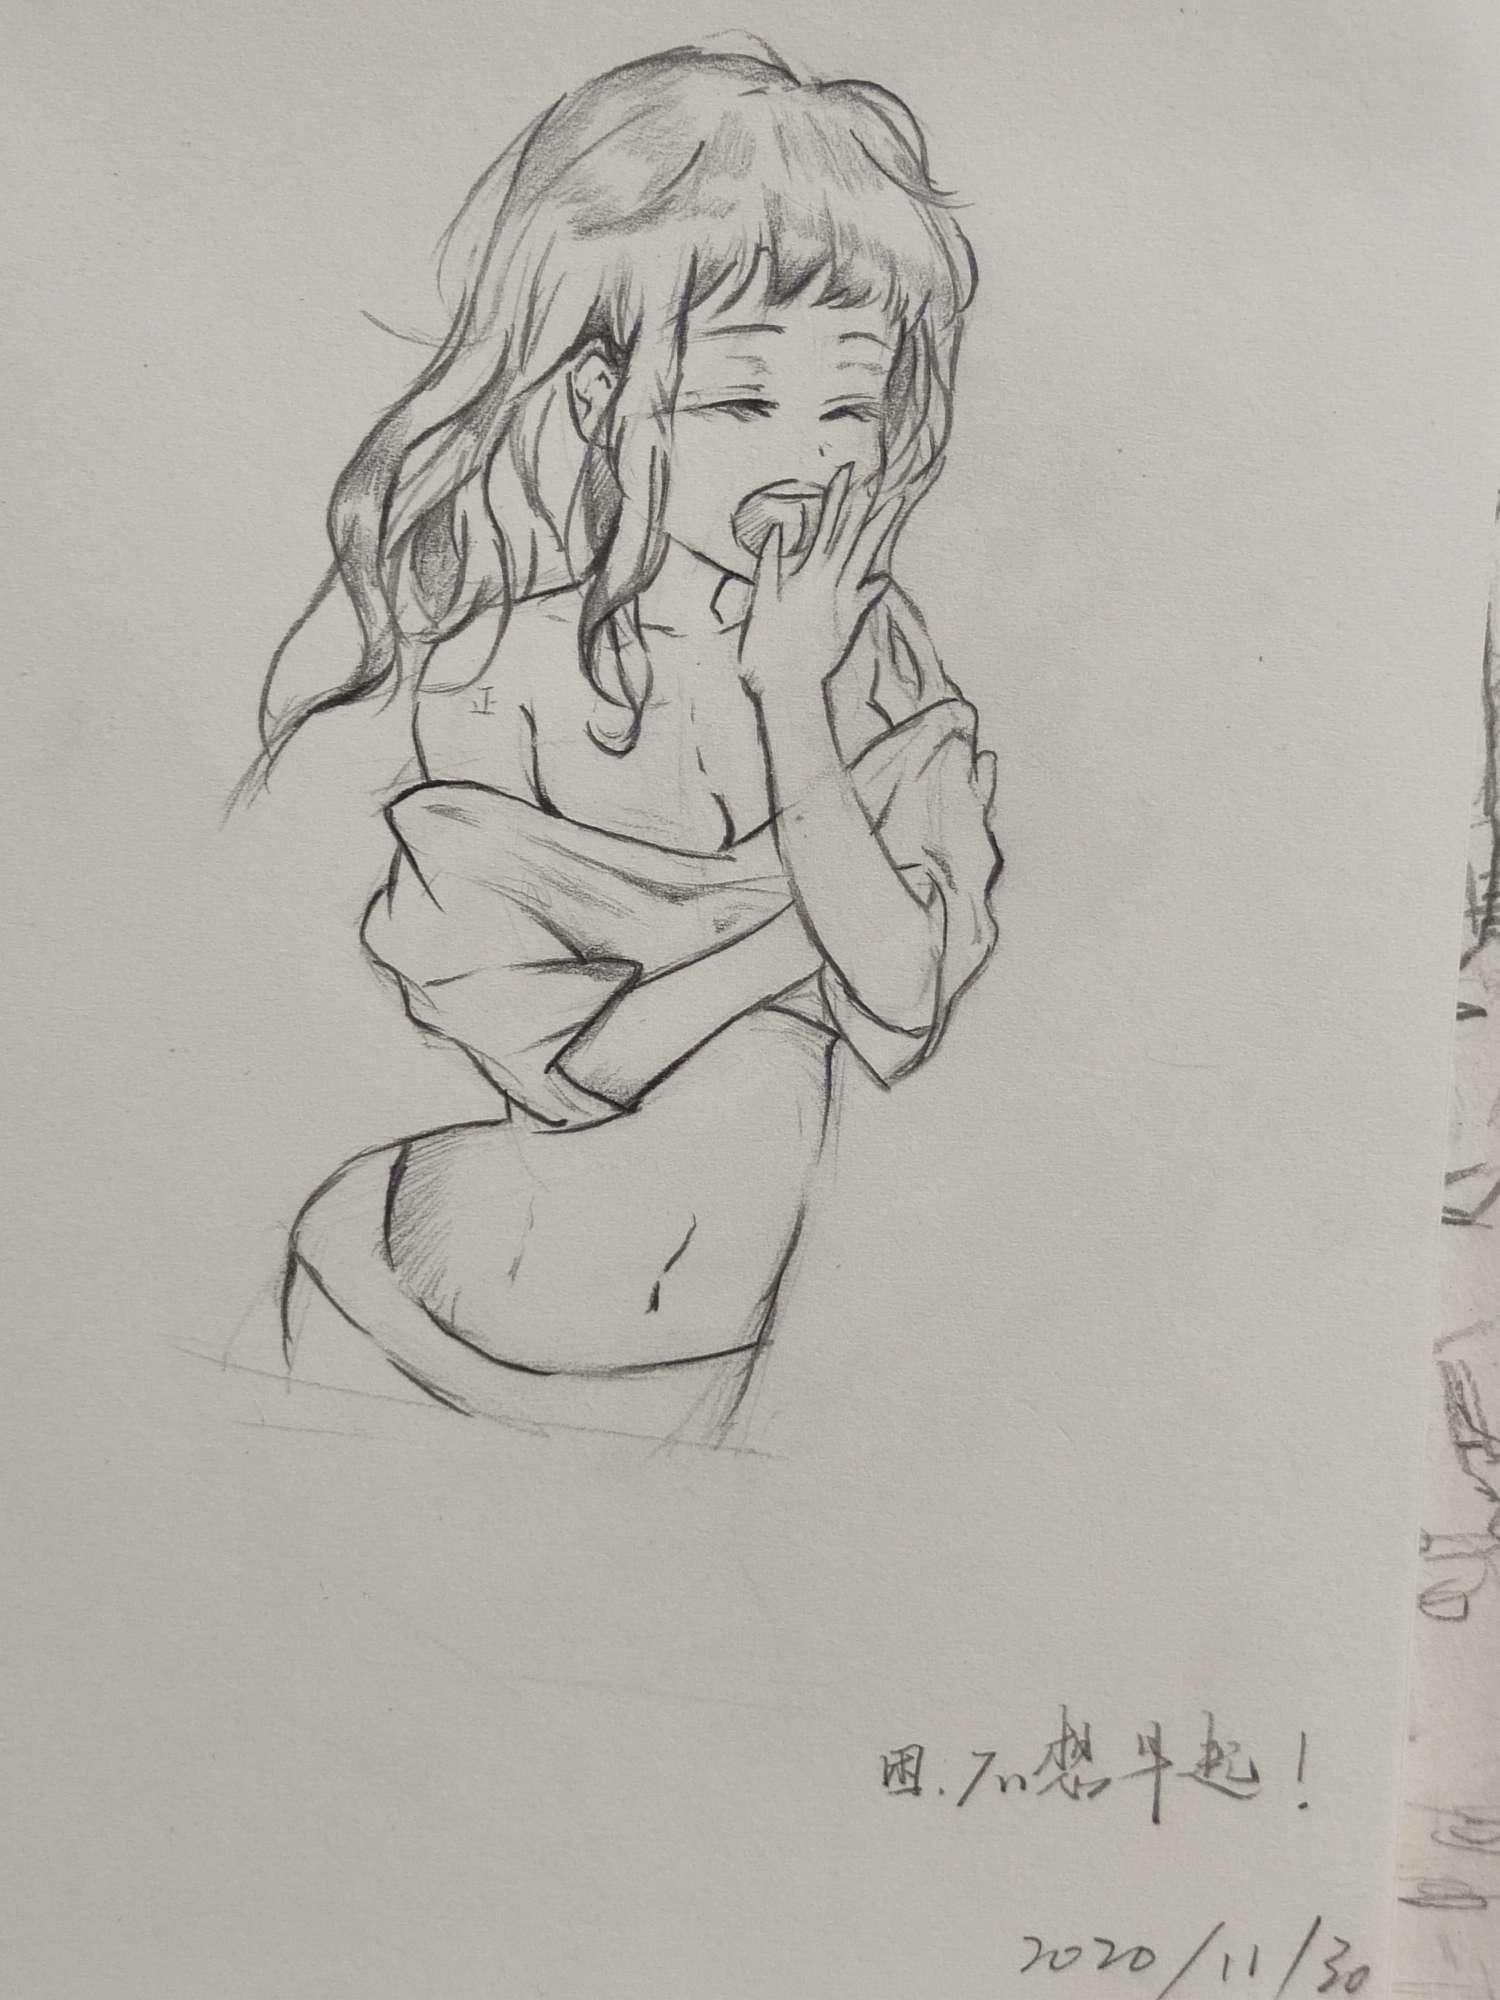 【手绘】无聊画画呀,邪恶索尼漫画全集-小柚妹站